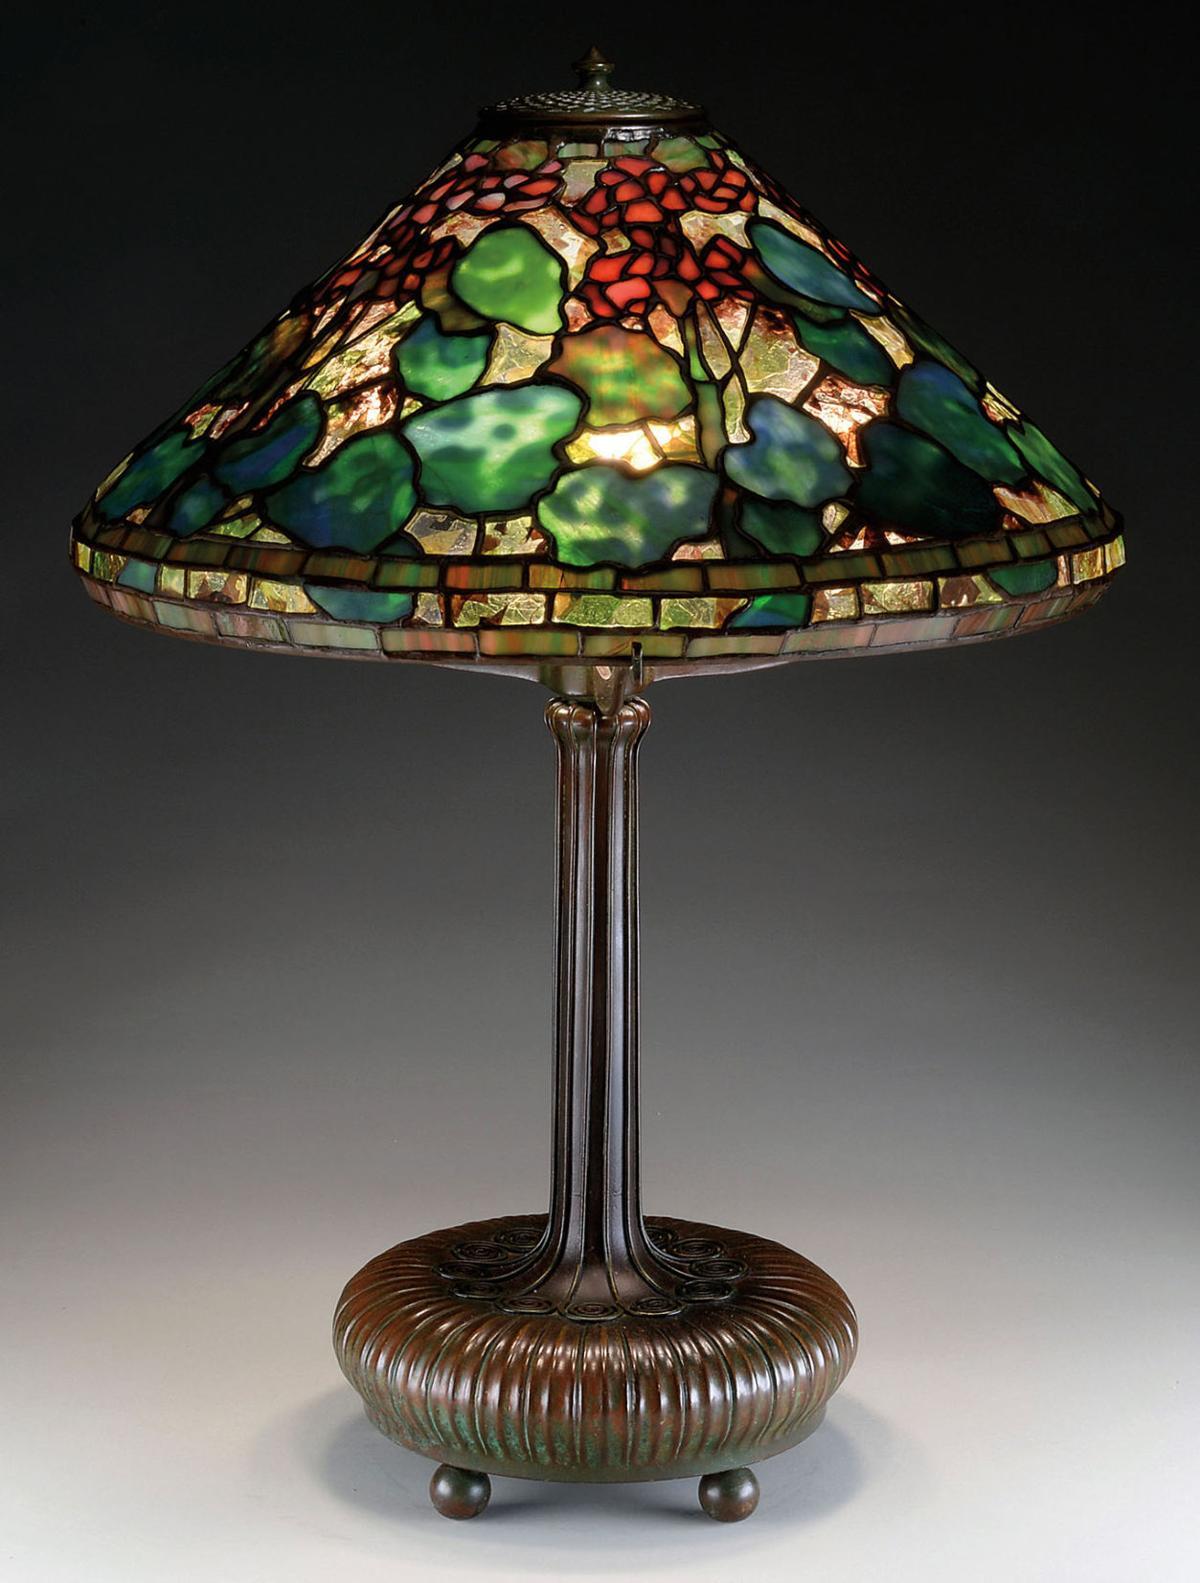 Tiffany Studios Lamp Shade Drives Sale Price At James D